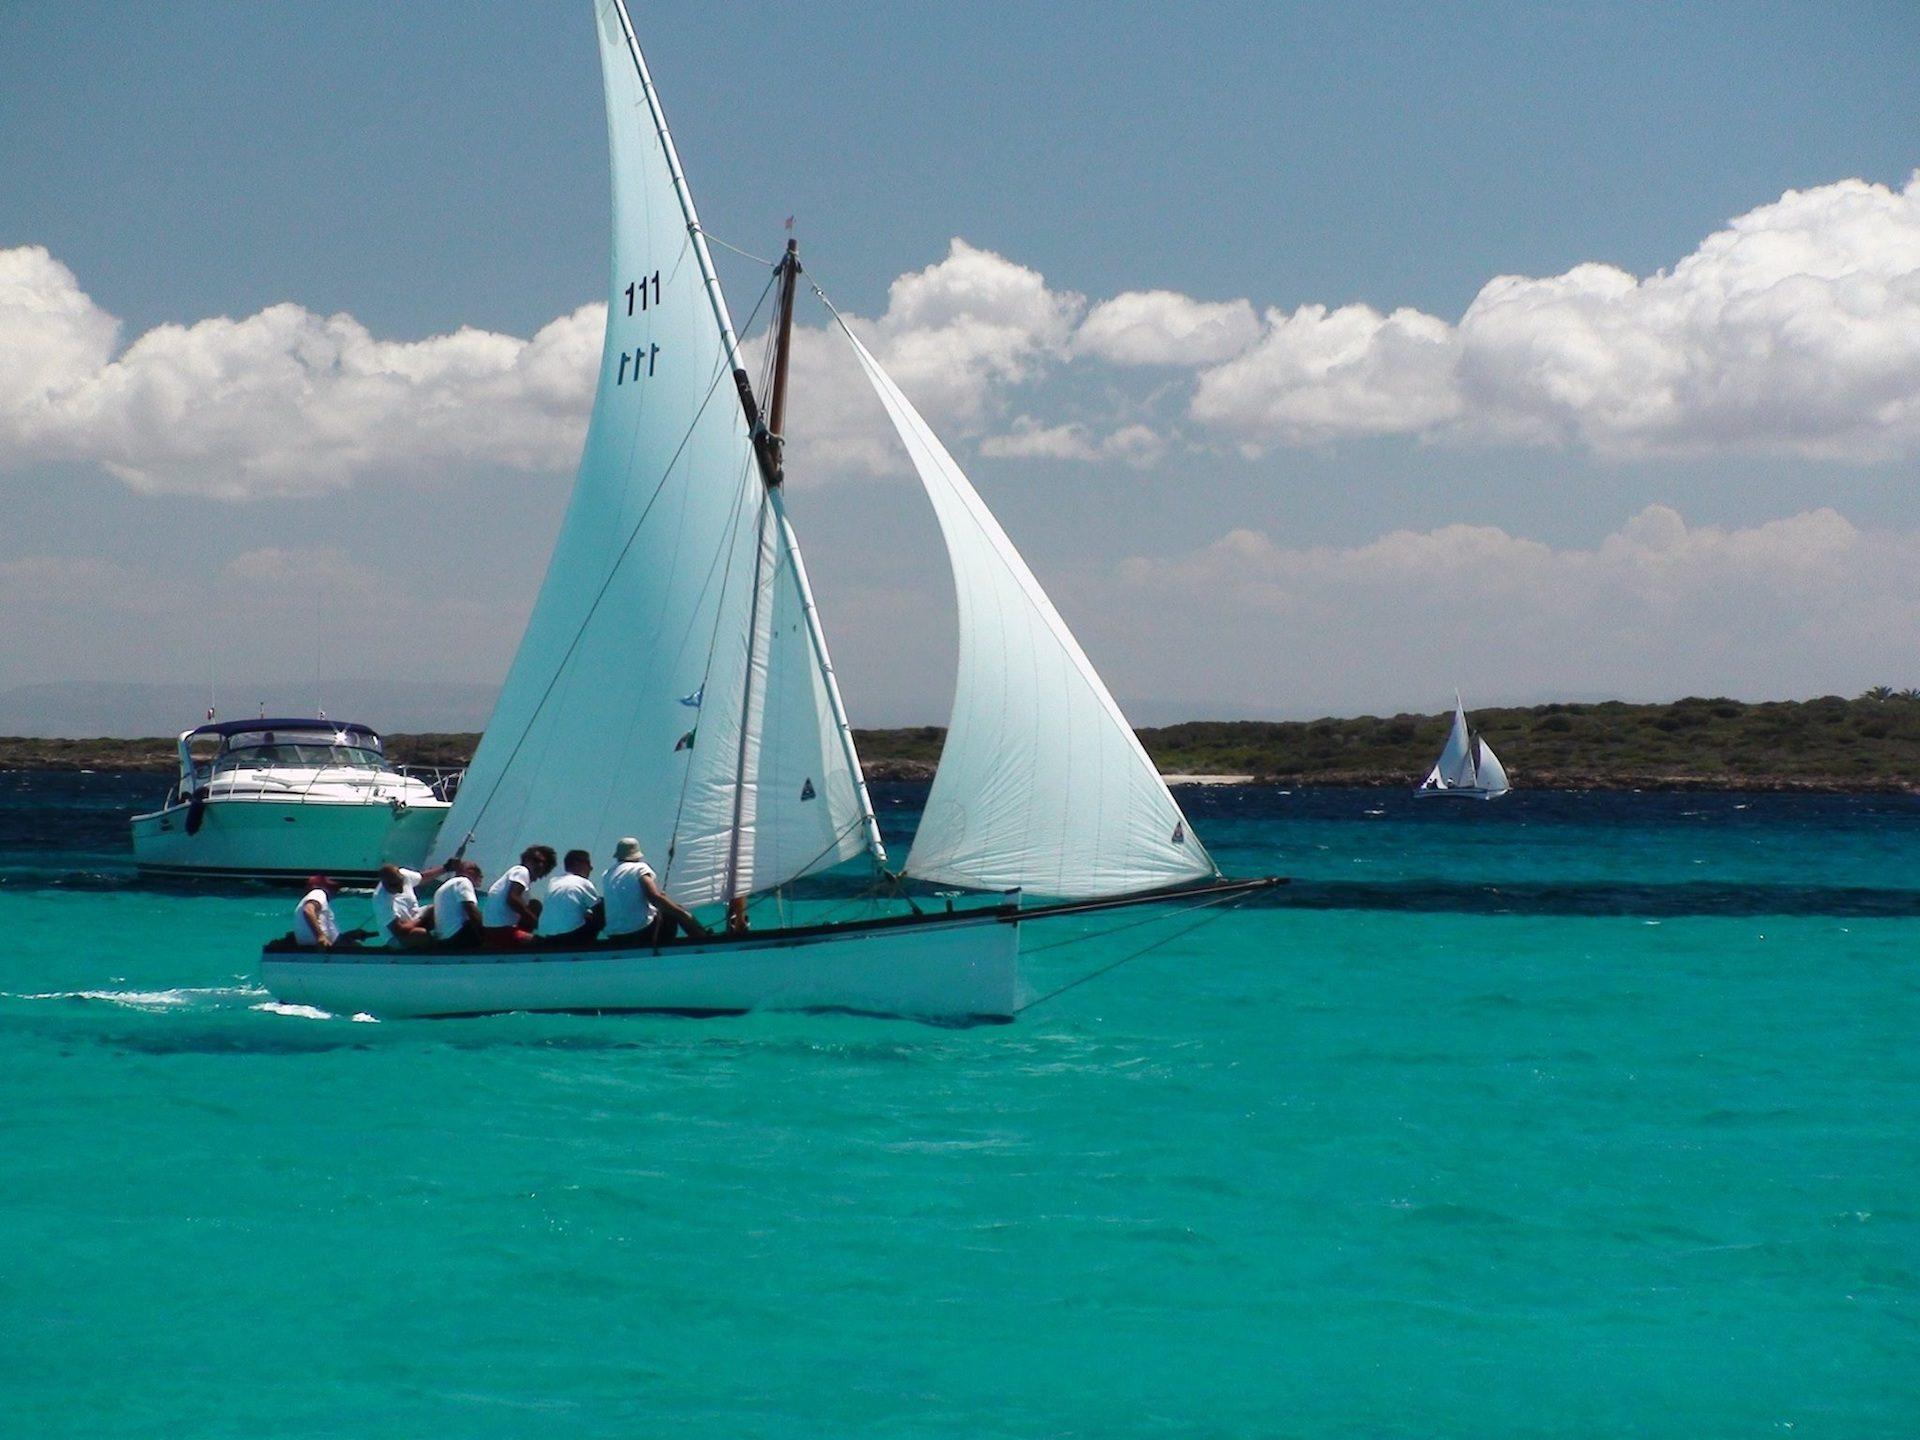 βάρκα, κερί, Θάλασσα, Κρύσταλλο, Τυρκουάζ, Άνεμος - Wallpapers HD - Professor-falken.com